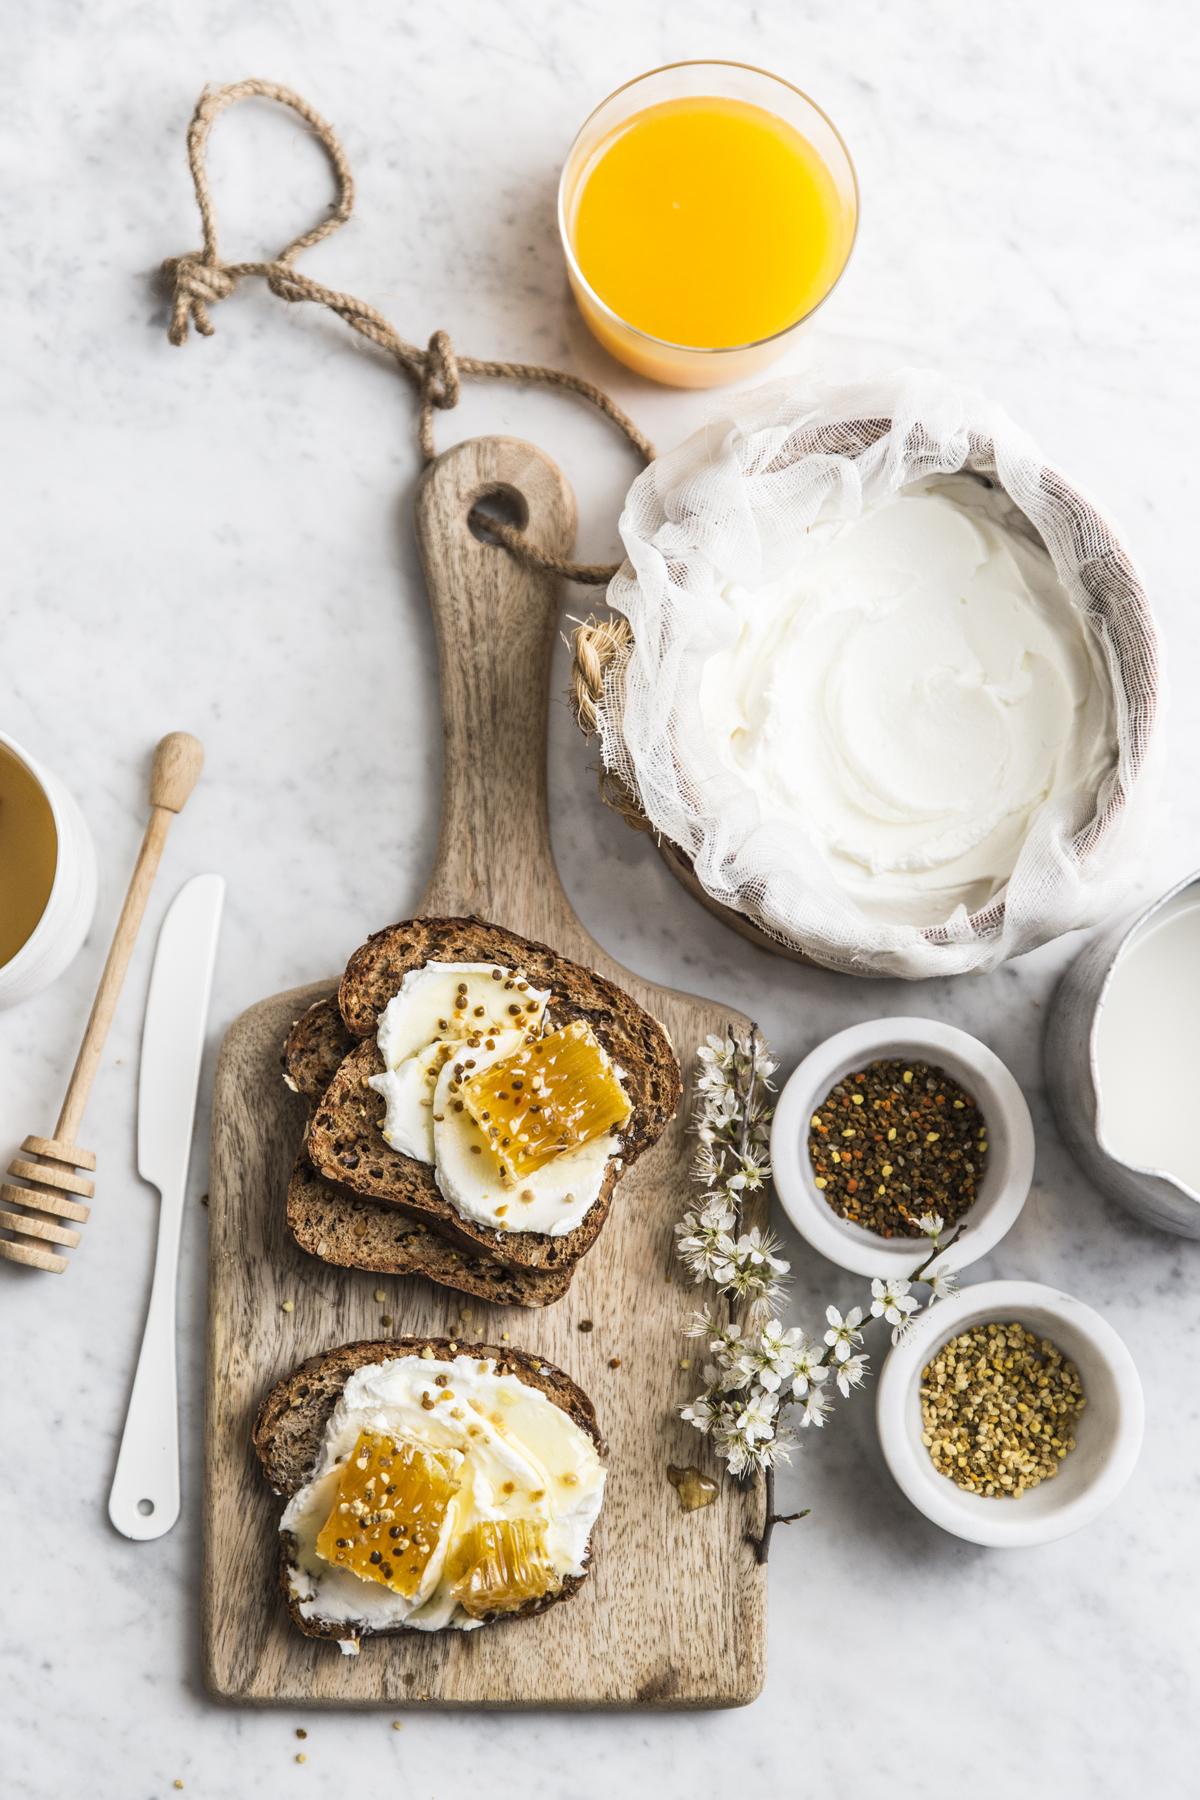 Pane labneh miele di girasole in favo e polline